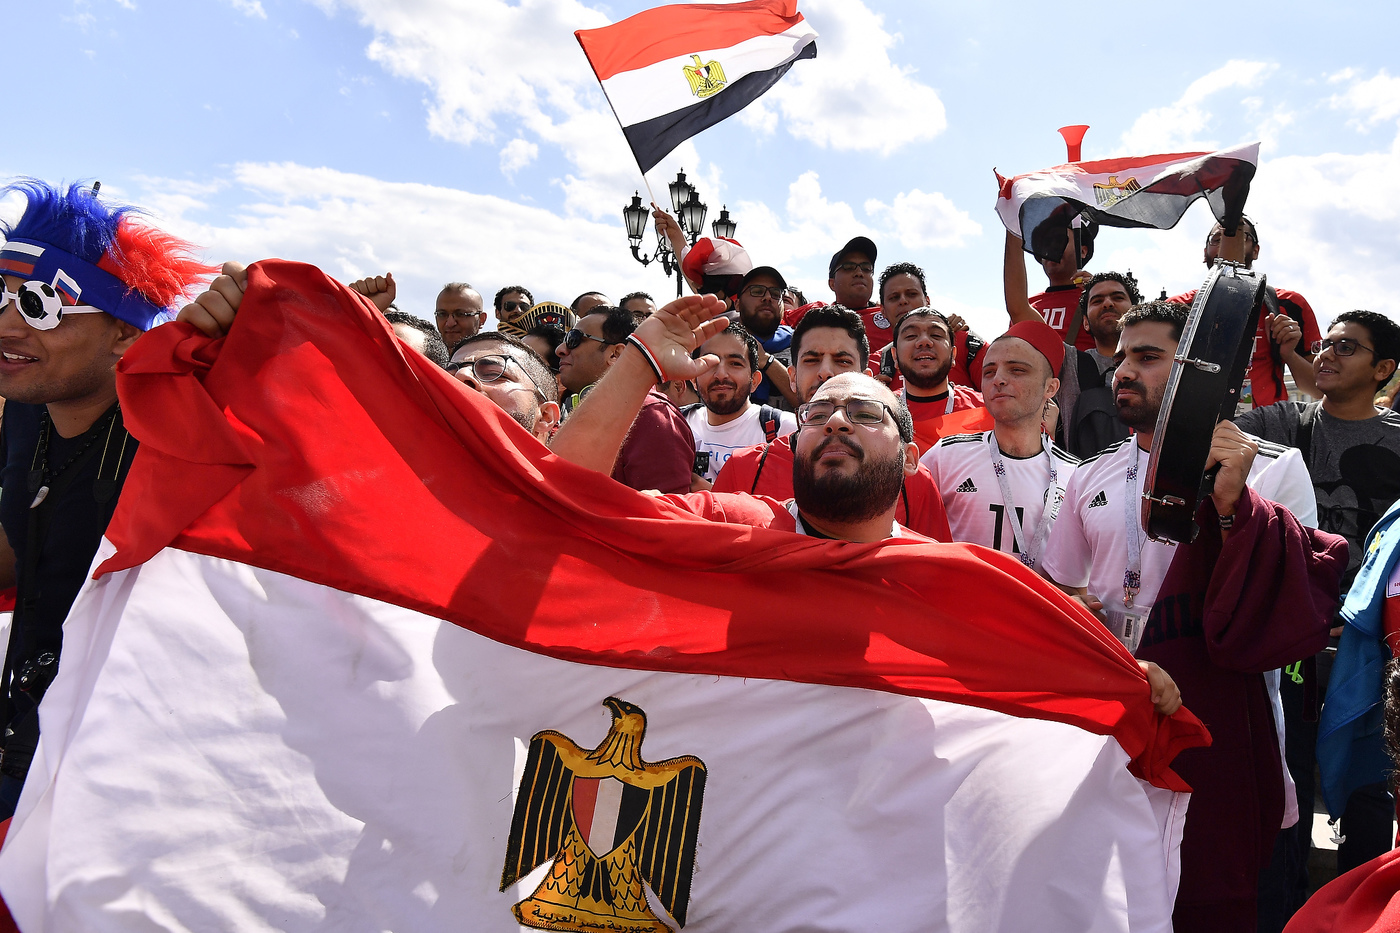 Egitto Premier League pronostici: si chiude l'ottava giornata